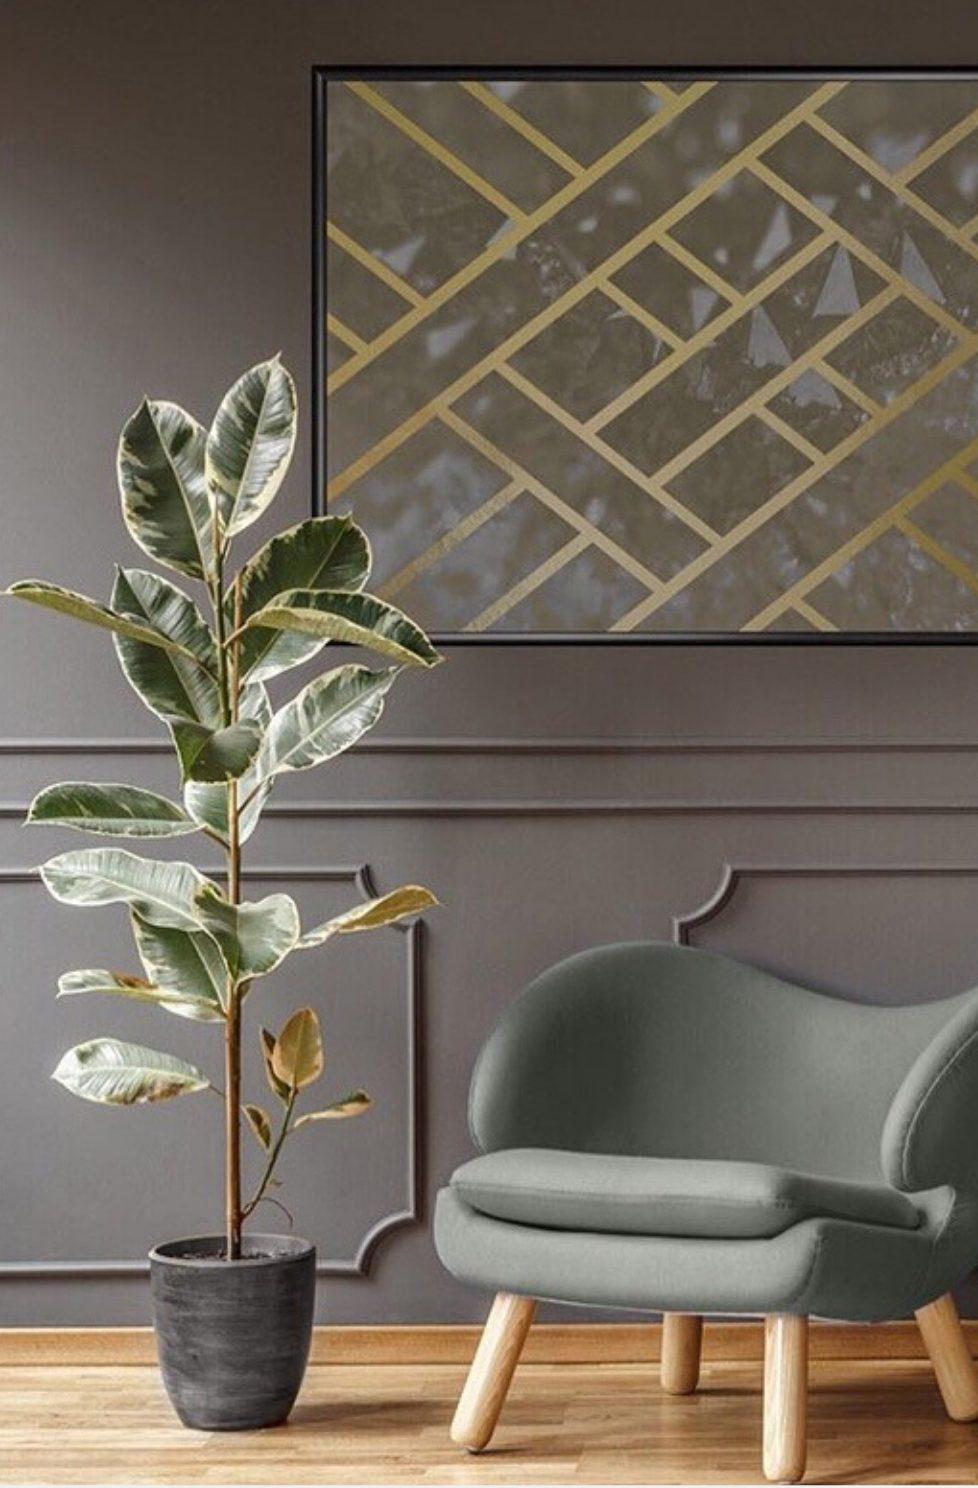 Design trends in home decor